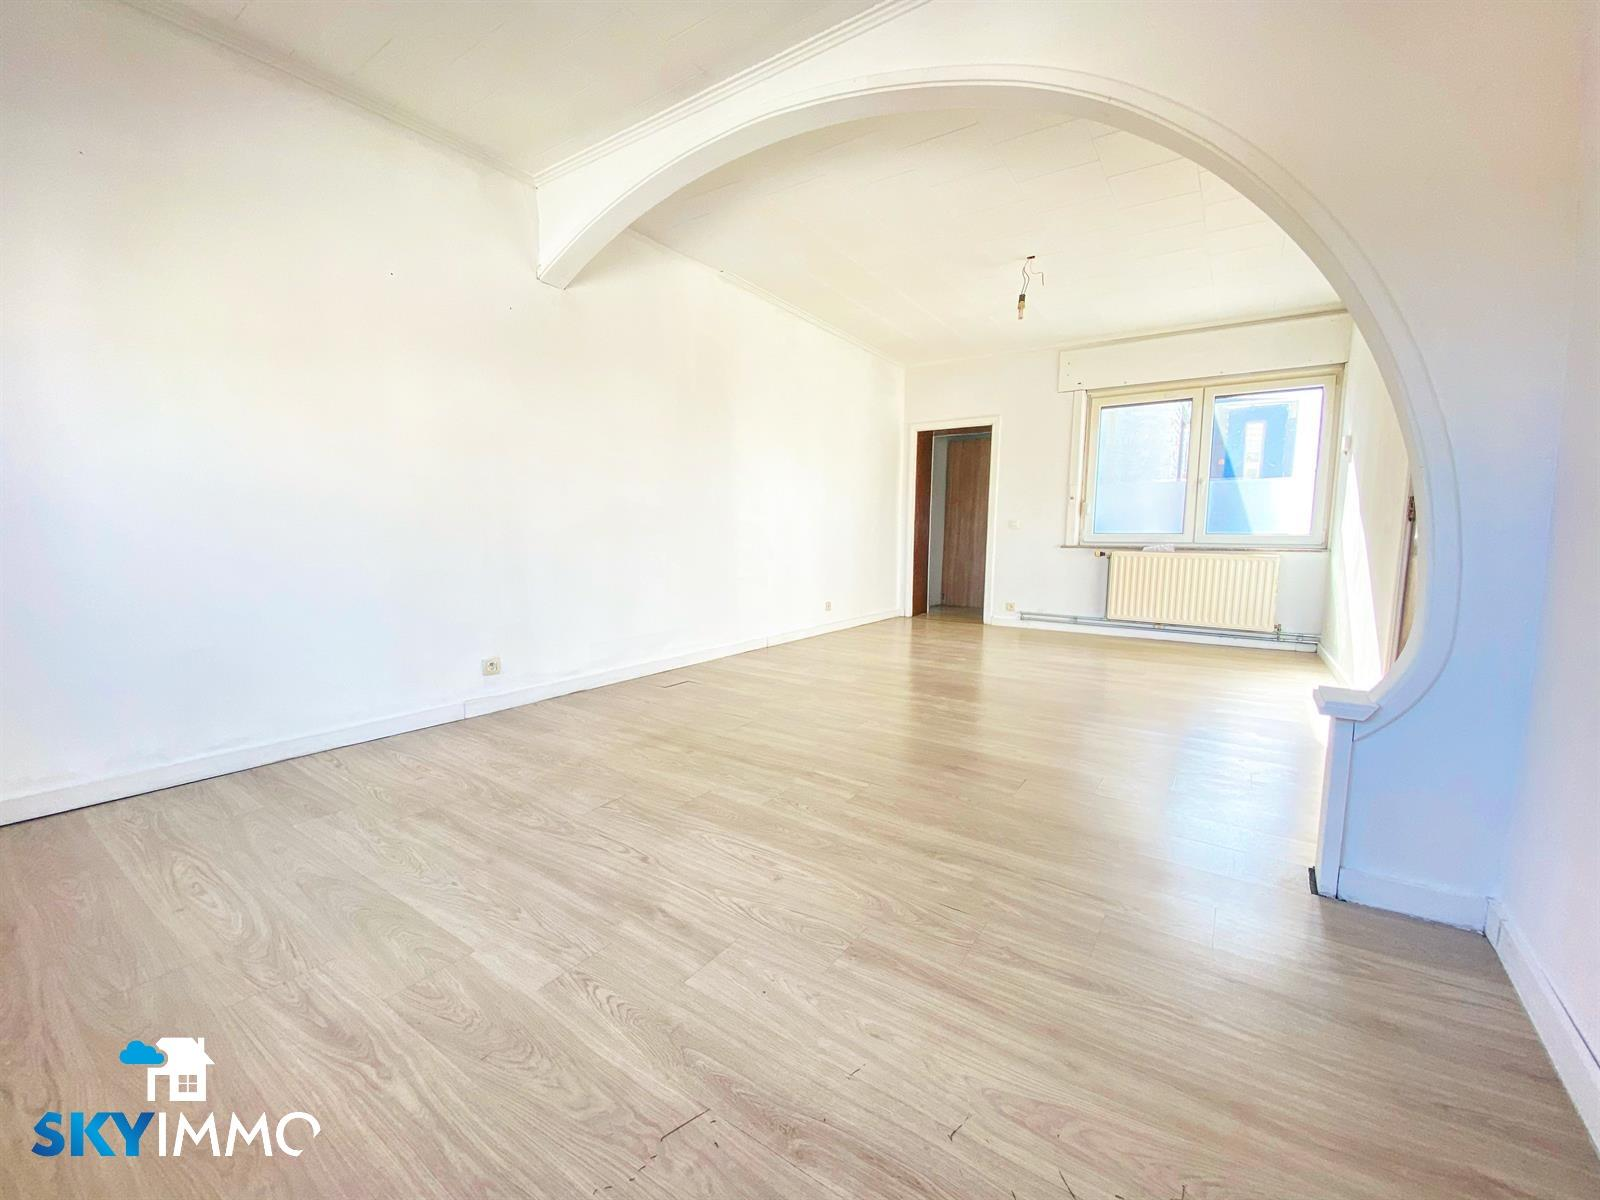 Bel-étage - Flemalle - #4295119-14